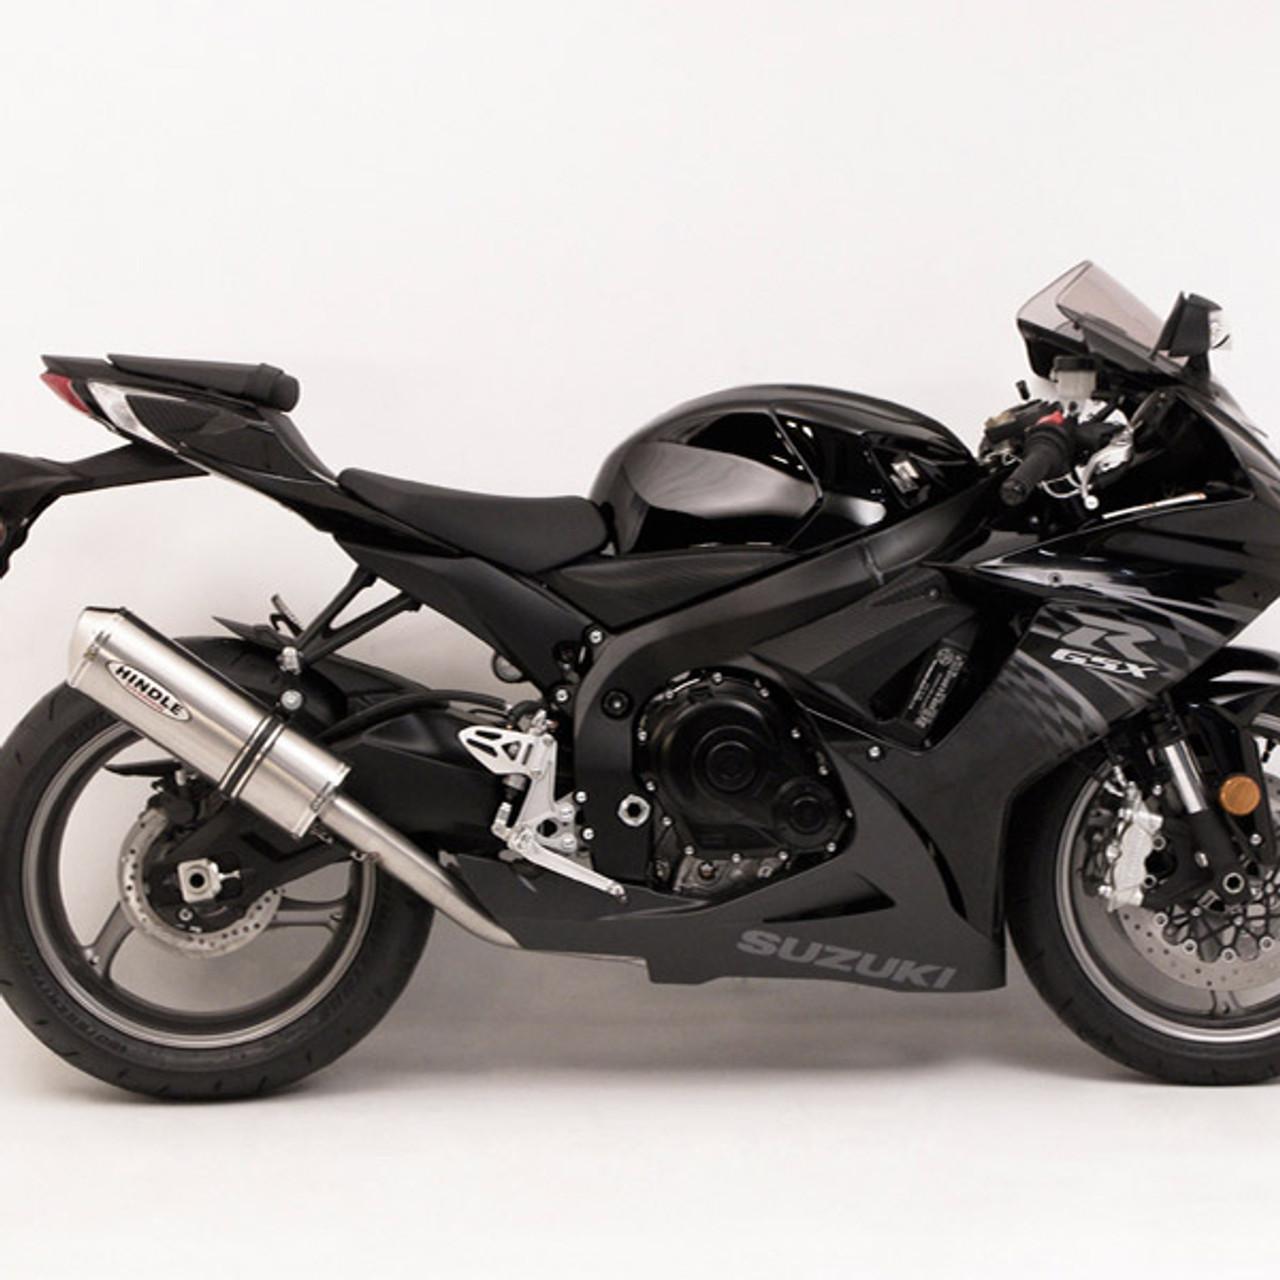 Suzuki Gsxr 750 >> Hindle Evolution Full Exhaust System Suzuki Gsx R600 750 11 19